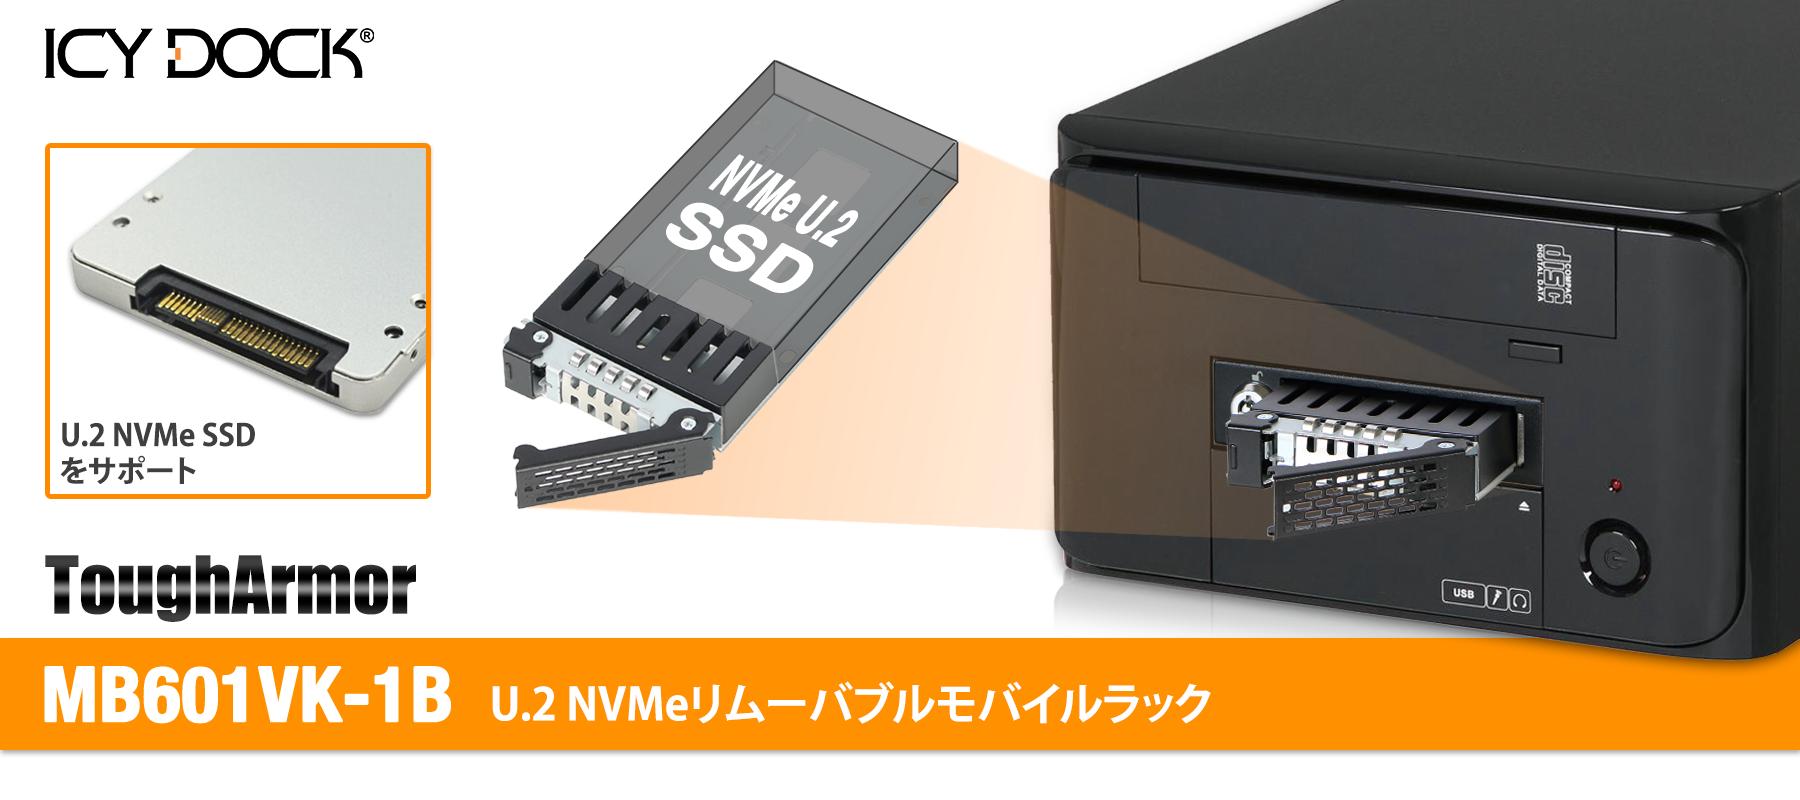 mb601vk-1b u.2 nvme removable mobile rack